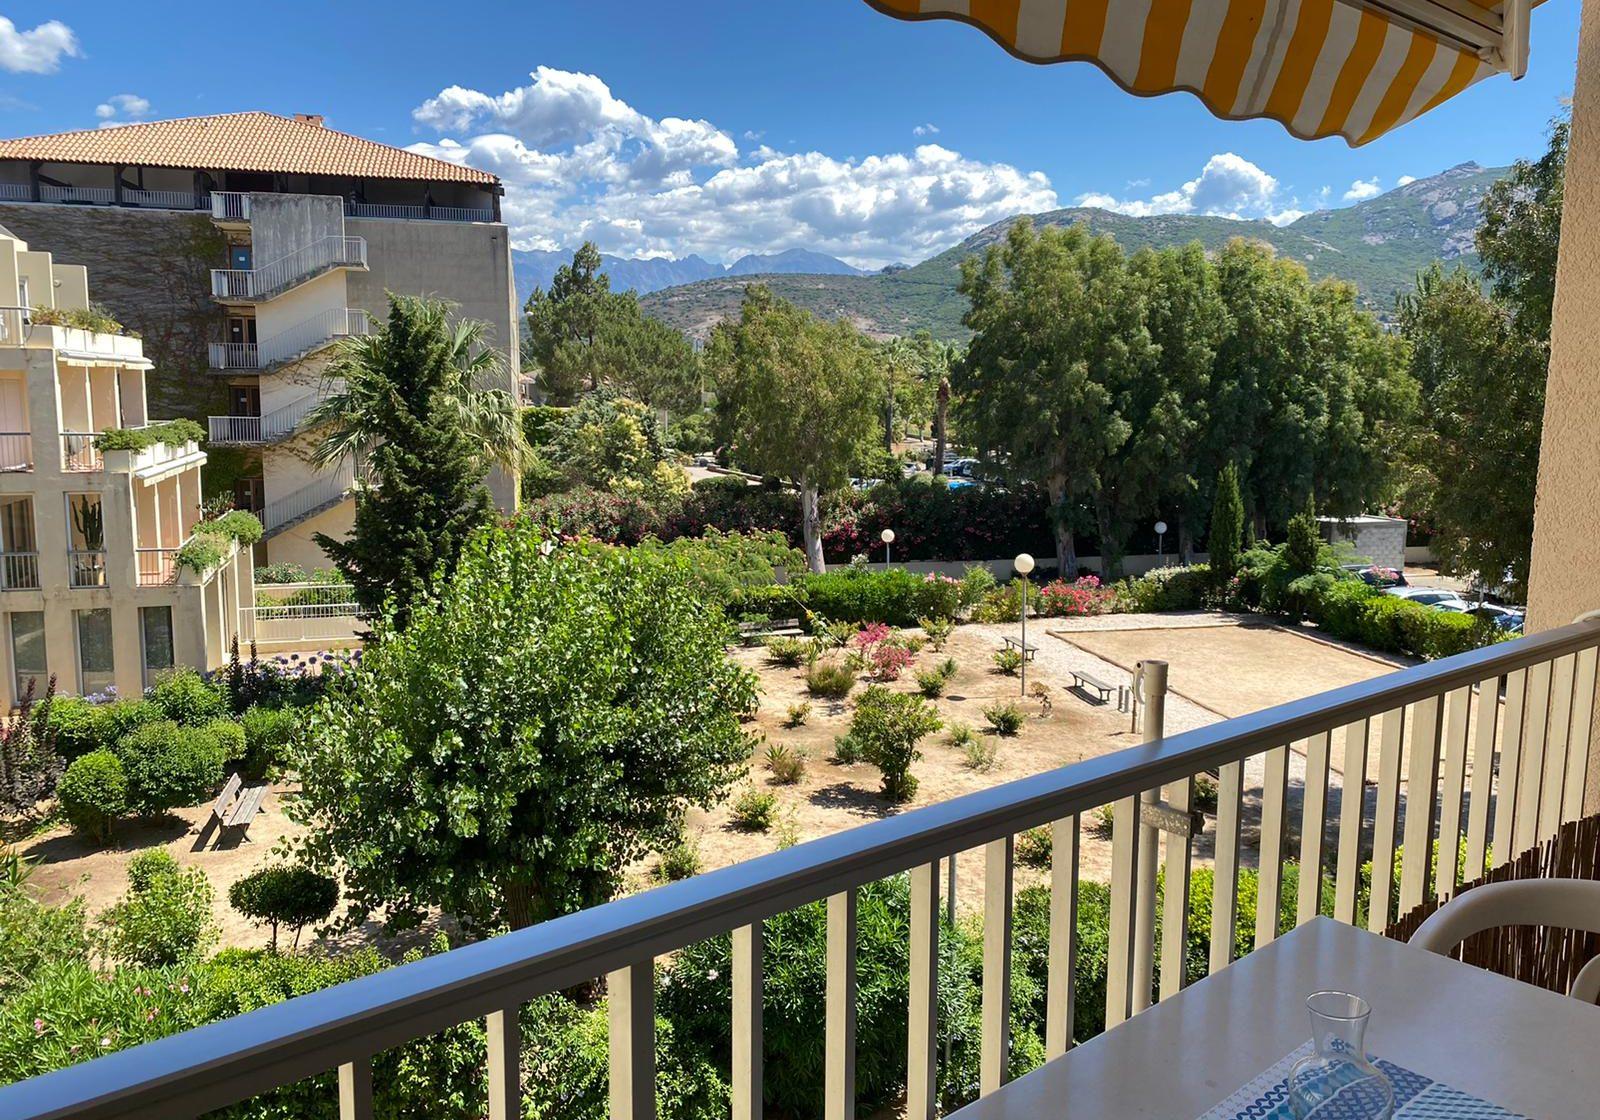 2210 - Blick vom Balkon